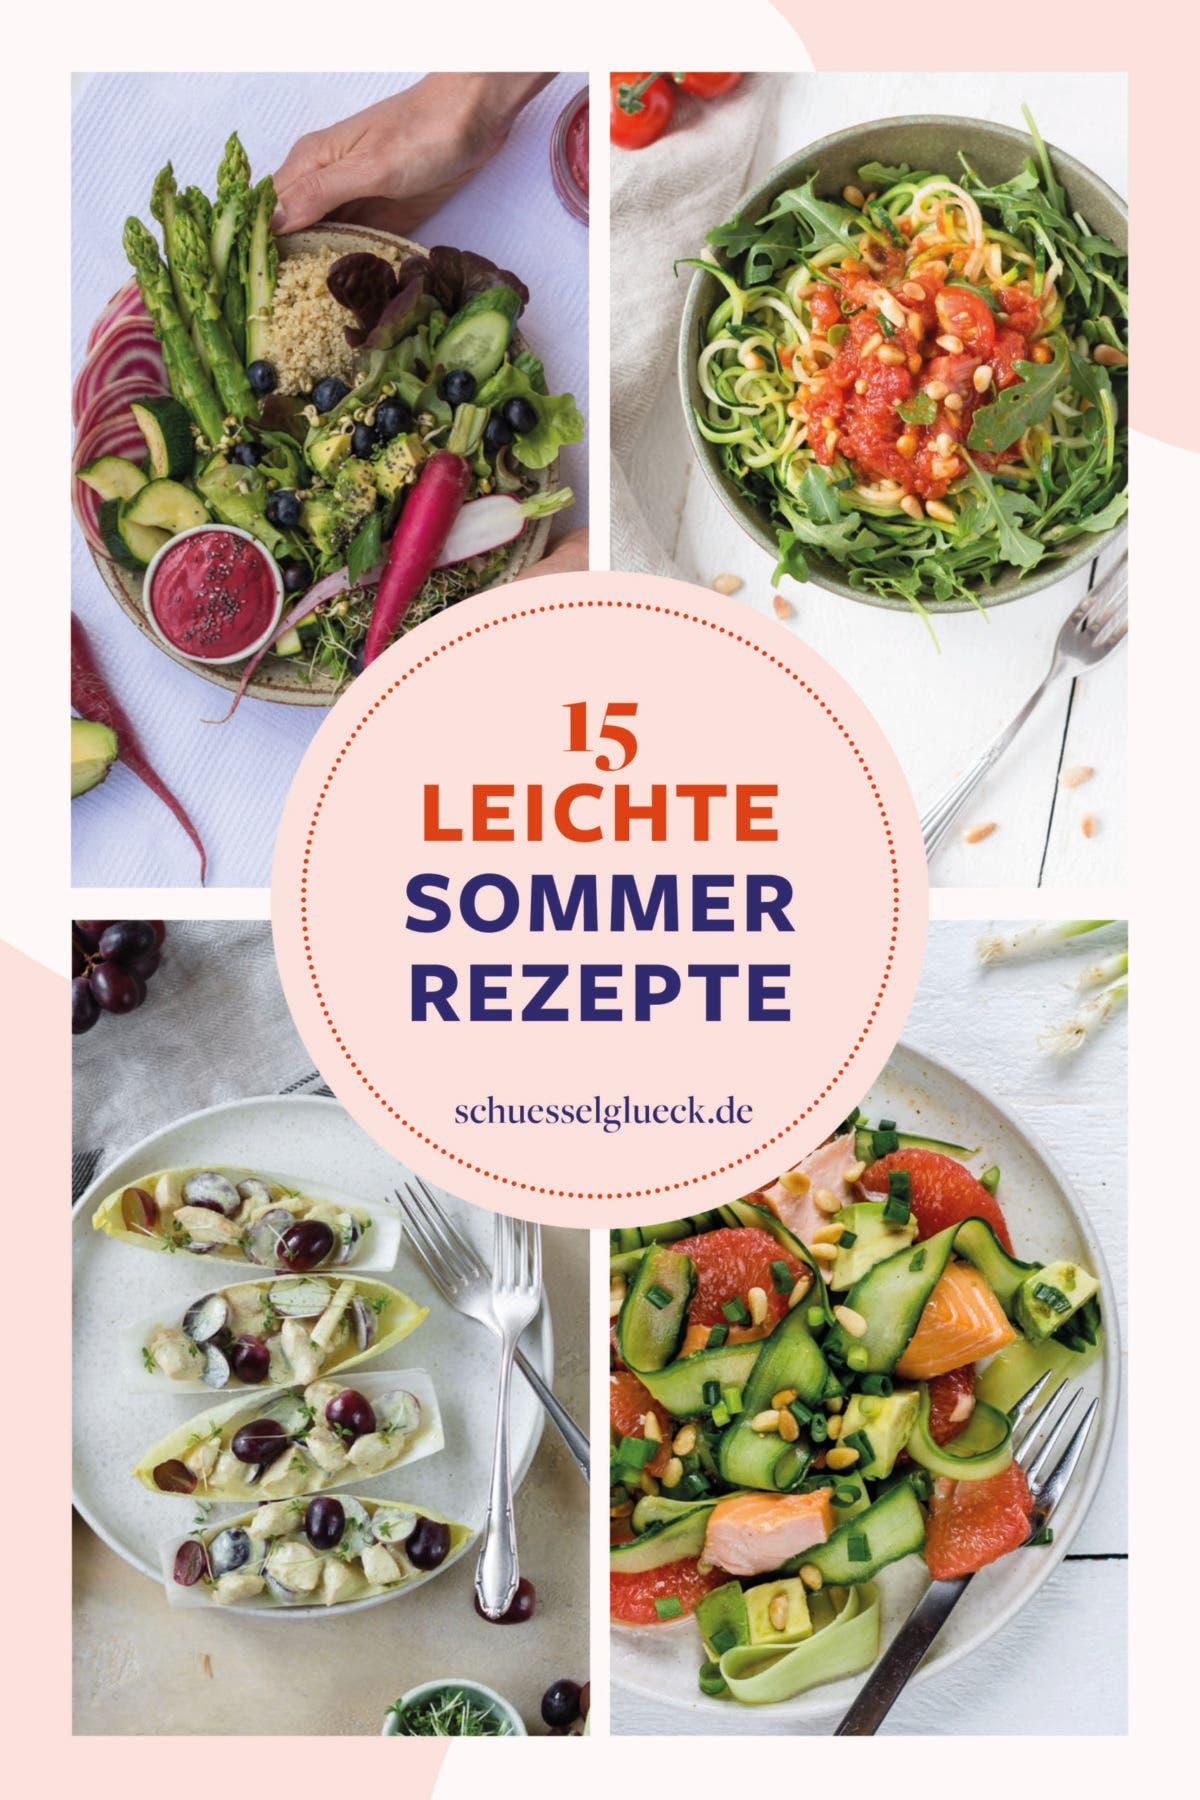 15 leichte Sommerrezepte und meine Tipps für besonders heiße Tage